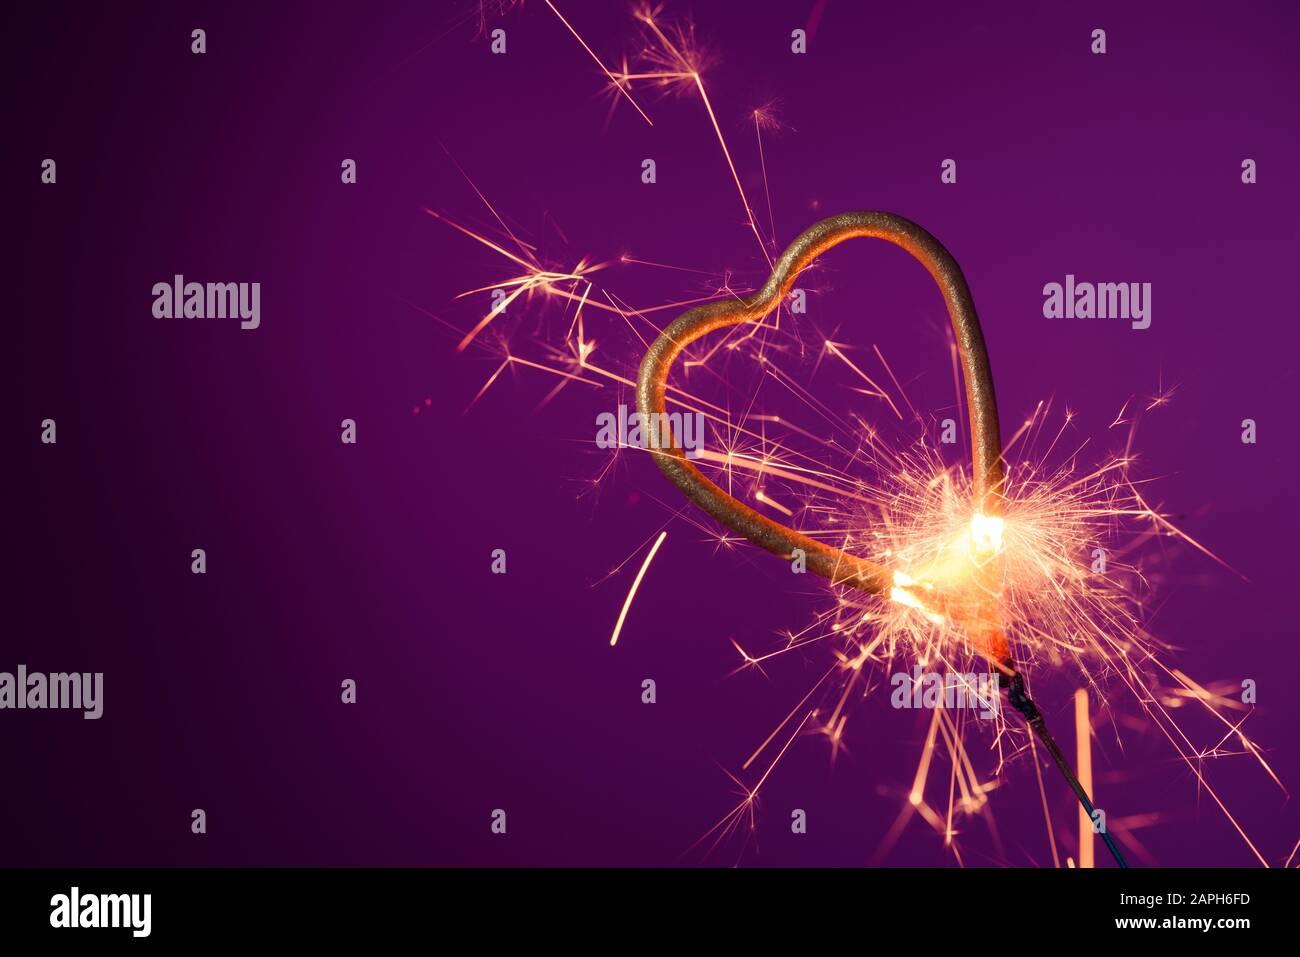 Brûlant le sparkler en forme de coeur d'amour sur un fond violet avec beaucoup d'étincelles. Célébration de la Saint-Valentin. Banque D'Images